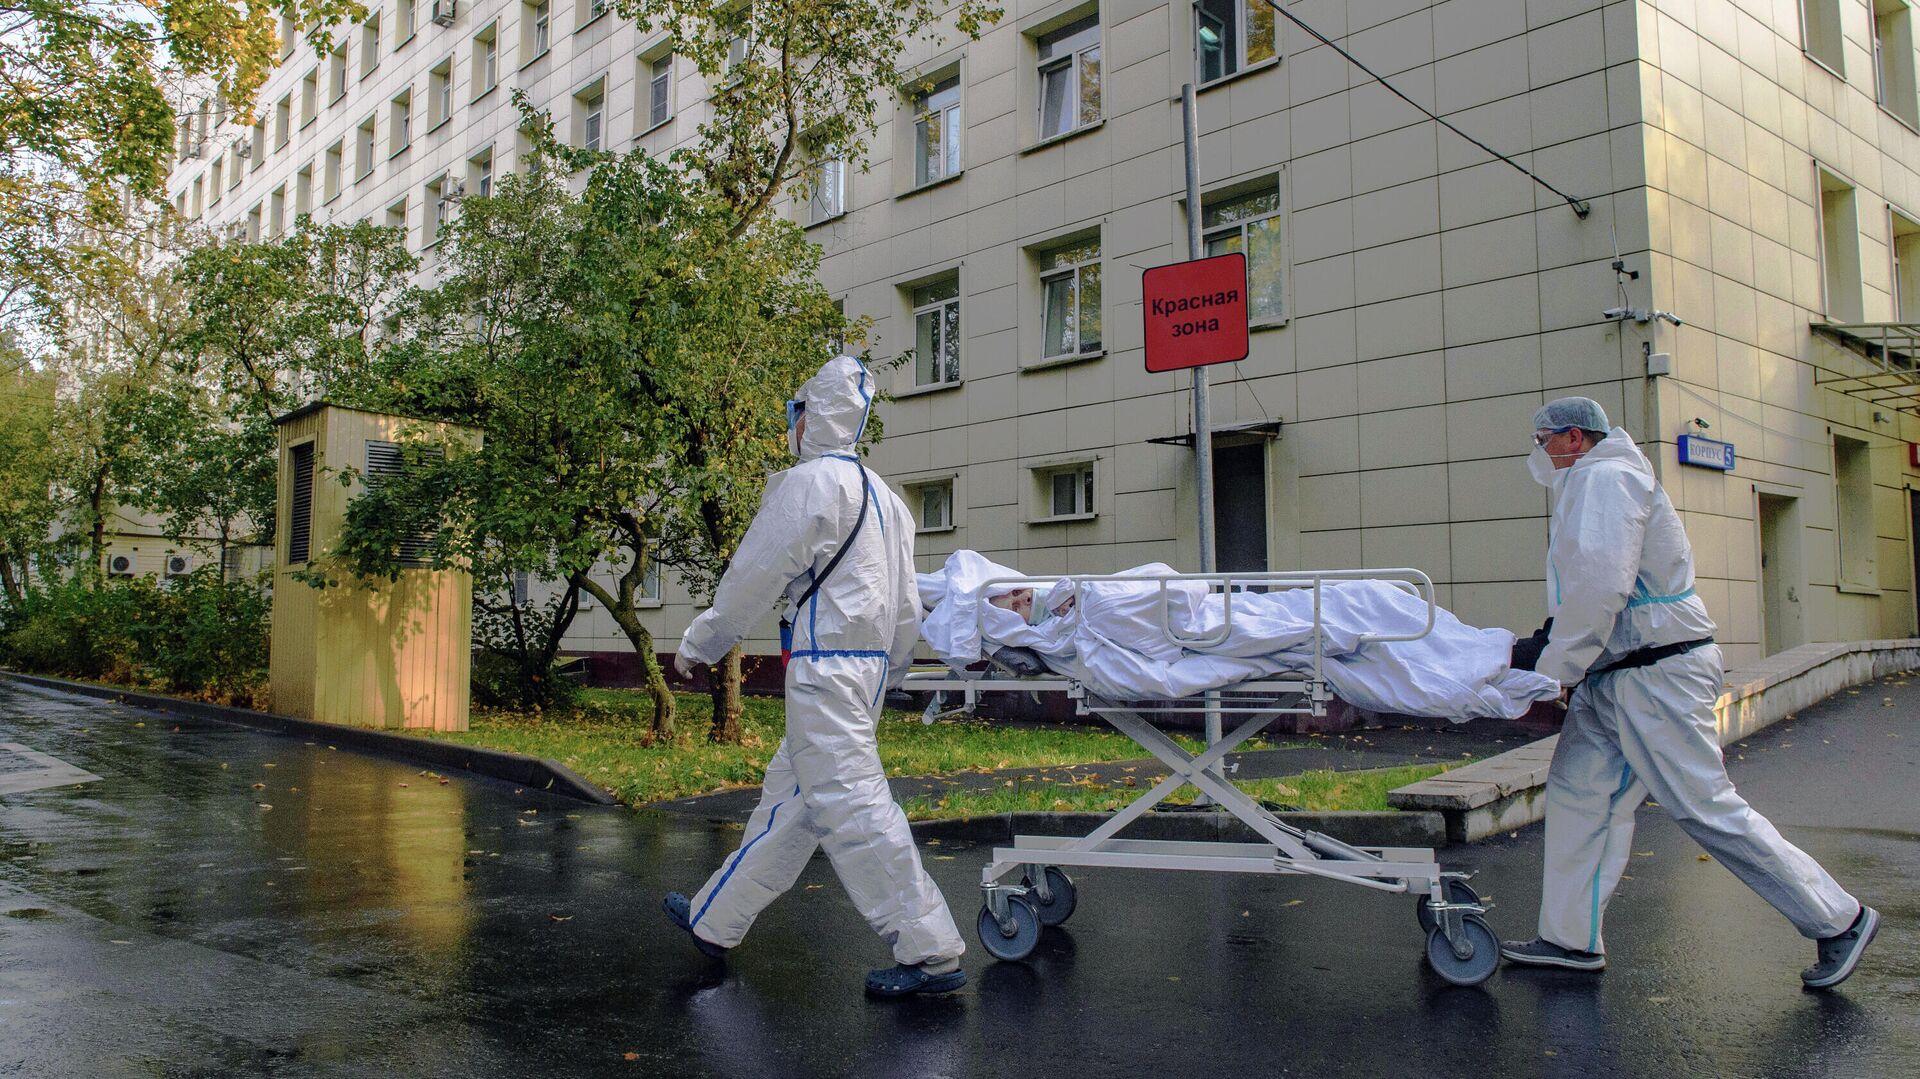 Медицинские работники оказывают помощь пациенту с COVID-19 в городской клинической больнице № 52 - РИА Новости, 1920, 18.10.2020